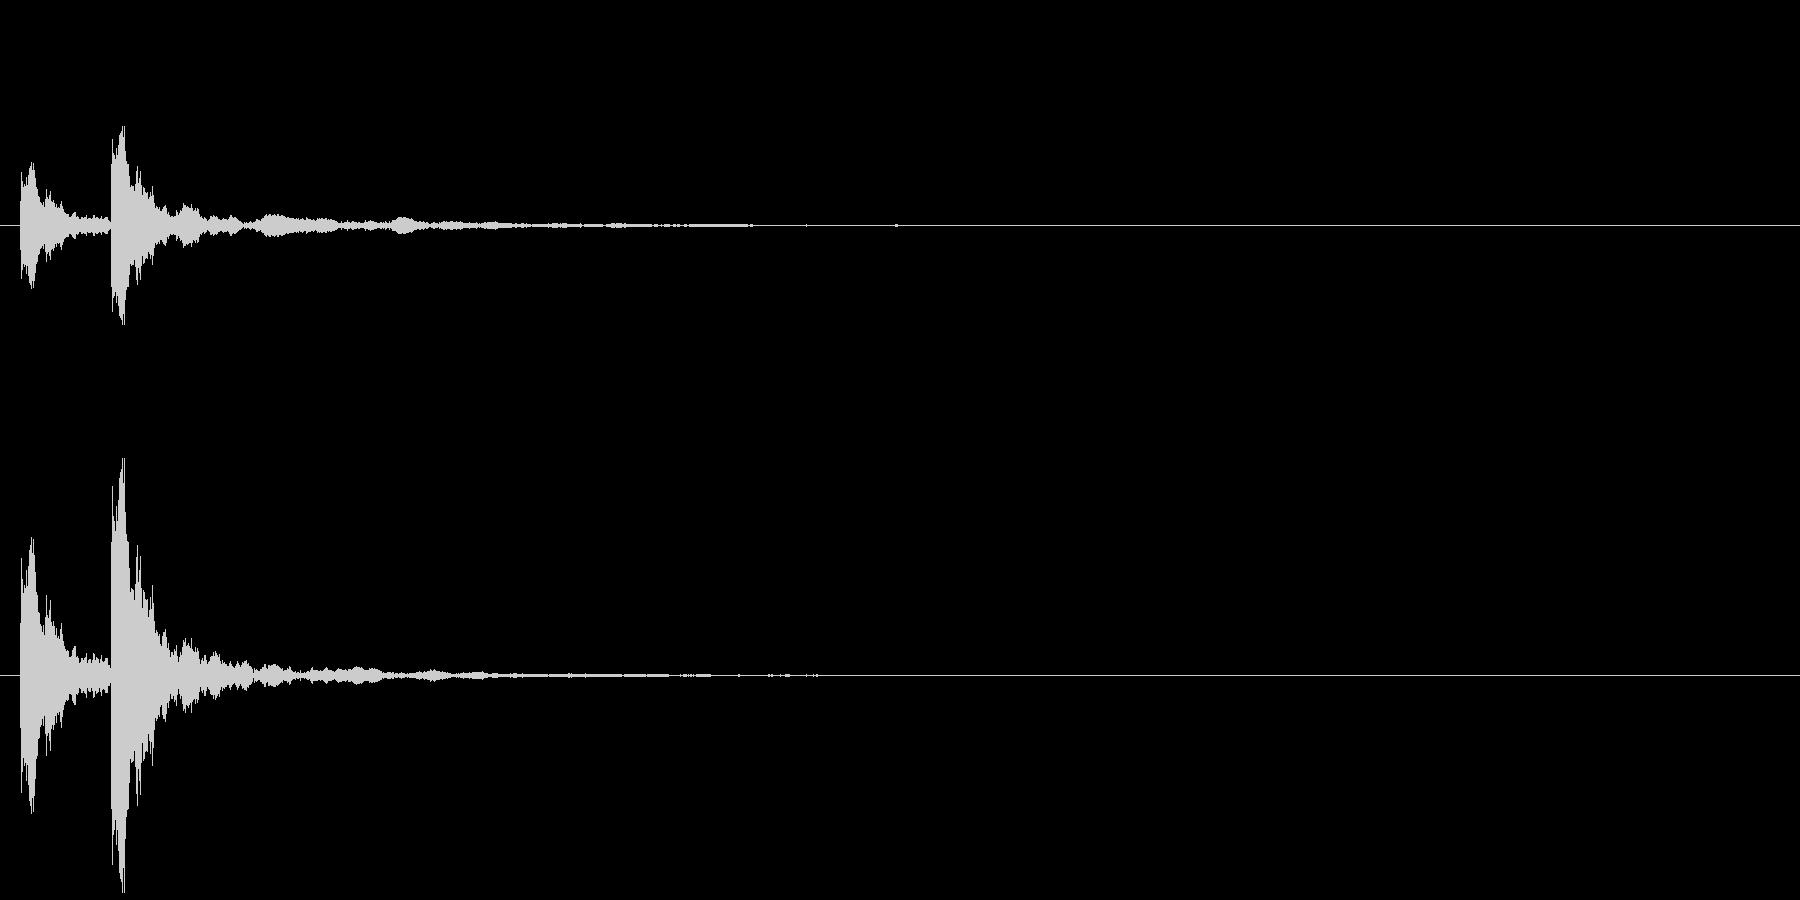 和楽器ジングル002 小鼓(つづみ)の未再生の波形